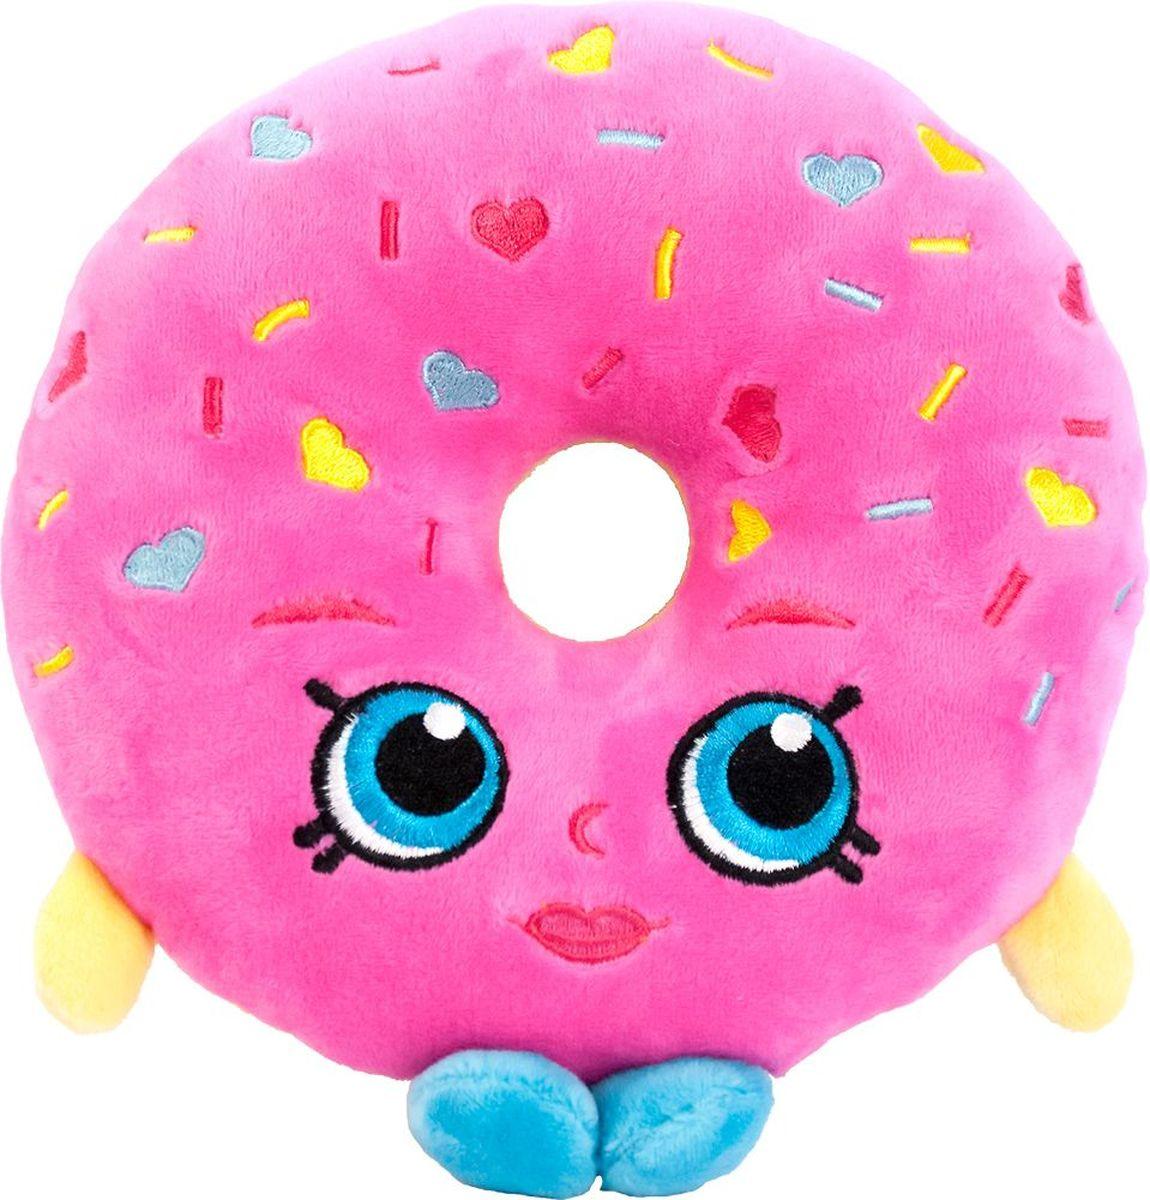 Shopkins Мягкая игрушка Пончик Делиш31632Пончик Делиш желает подружиться с вашей маленькой хозяюшкой, чтобы вместе весело играть, развивая у крохи воображение, речь, тактильное восприятие и многое другое. Компактная игрушка в виде героини мультфильма Шопкинс легко помещается в сумочку или рюкзачок, поэтому ее удобно брать с собой в гости или в садик. Соберите всю коллекцию плюшевых игрушек Шопкинс, чтобы детские игры стали увлекательнее и разнообразнее! Мягкая игрушка Пончик Делиш ТМ Шопкинс высотой 20 см выполнена из нежного, приятного на ощупь плюша, плотно набита и декорирована высококачественной вышивкой. Товар сертифицирован. Упаковка - пакет.